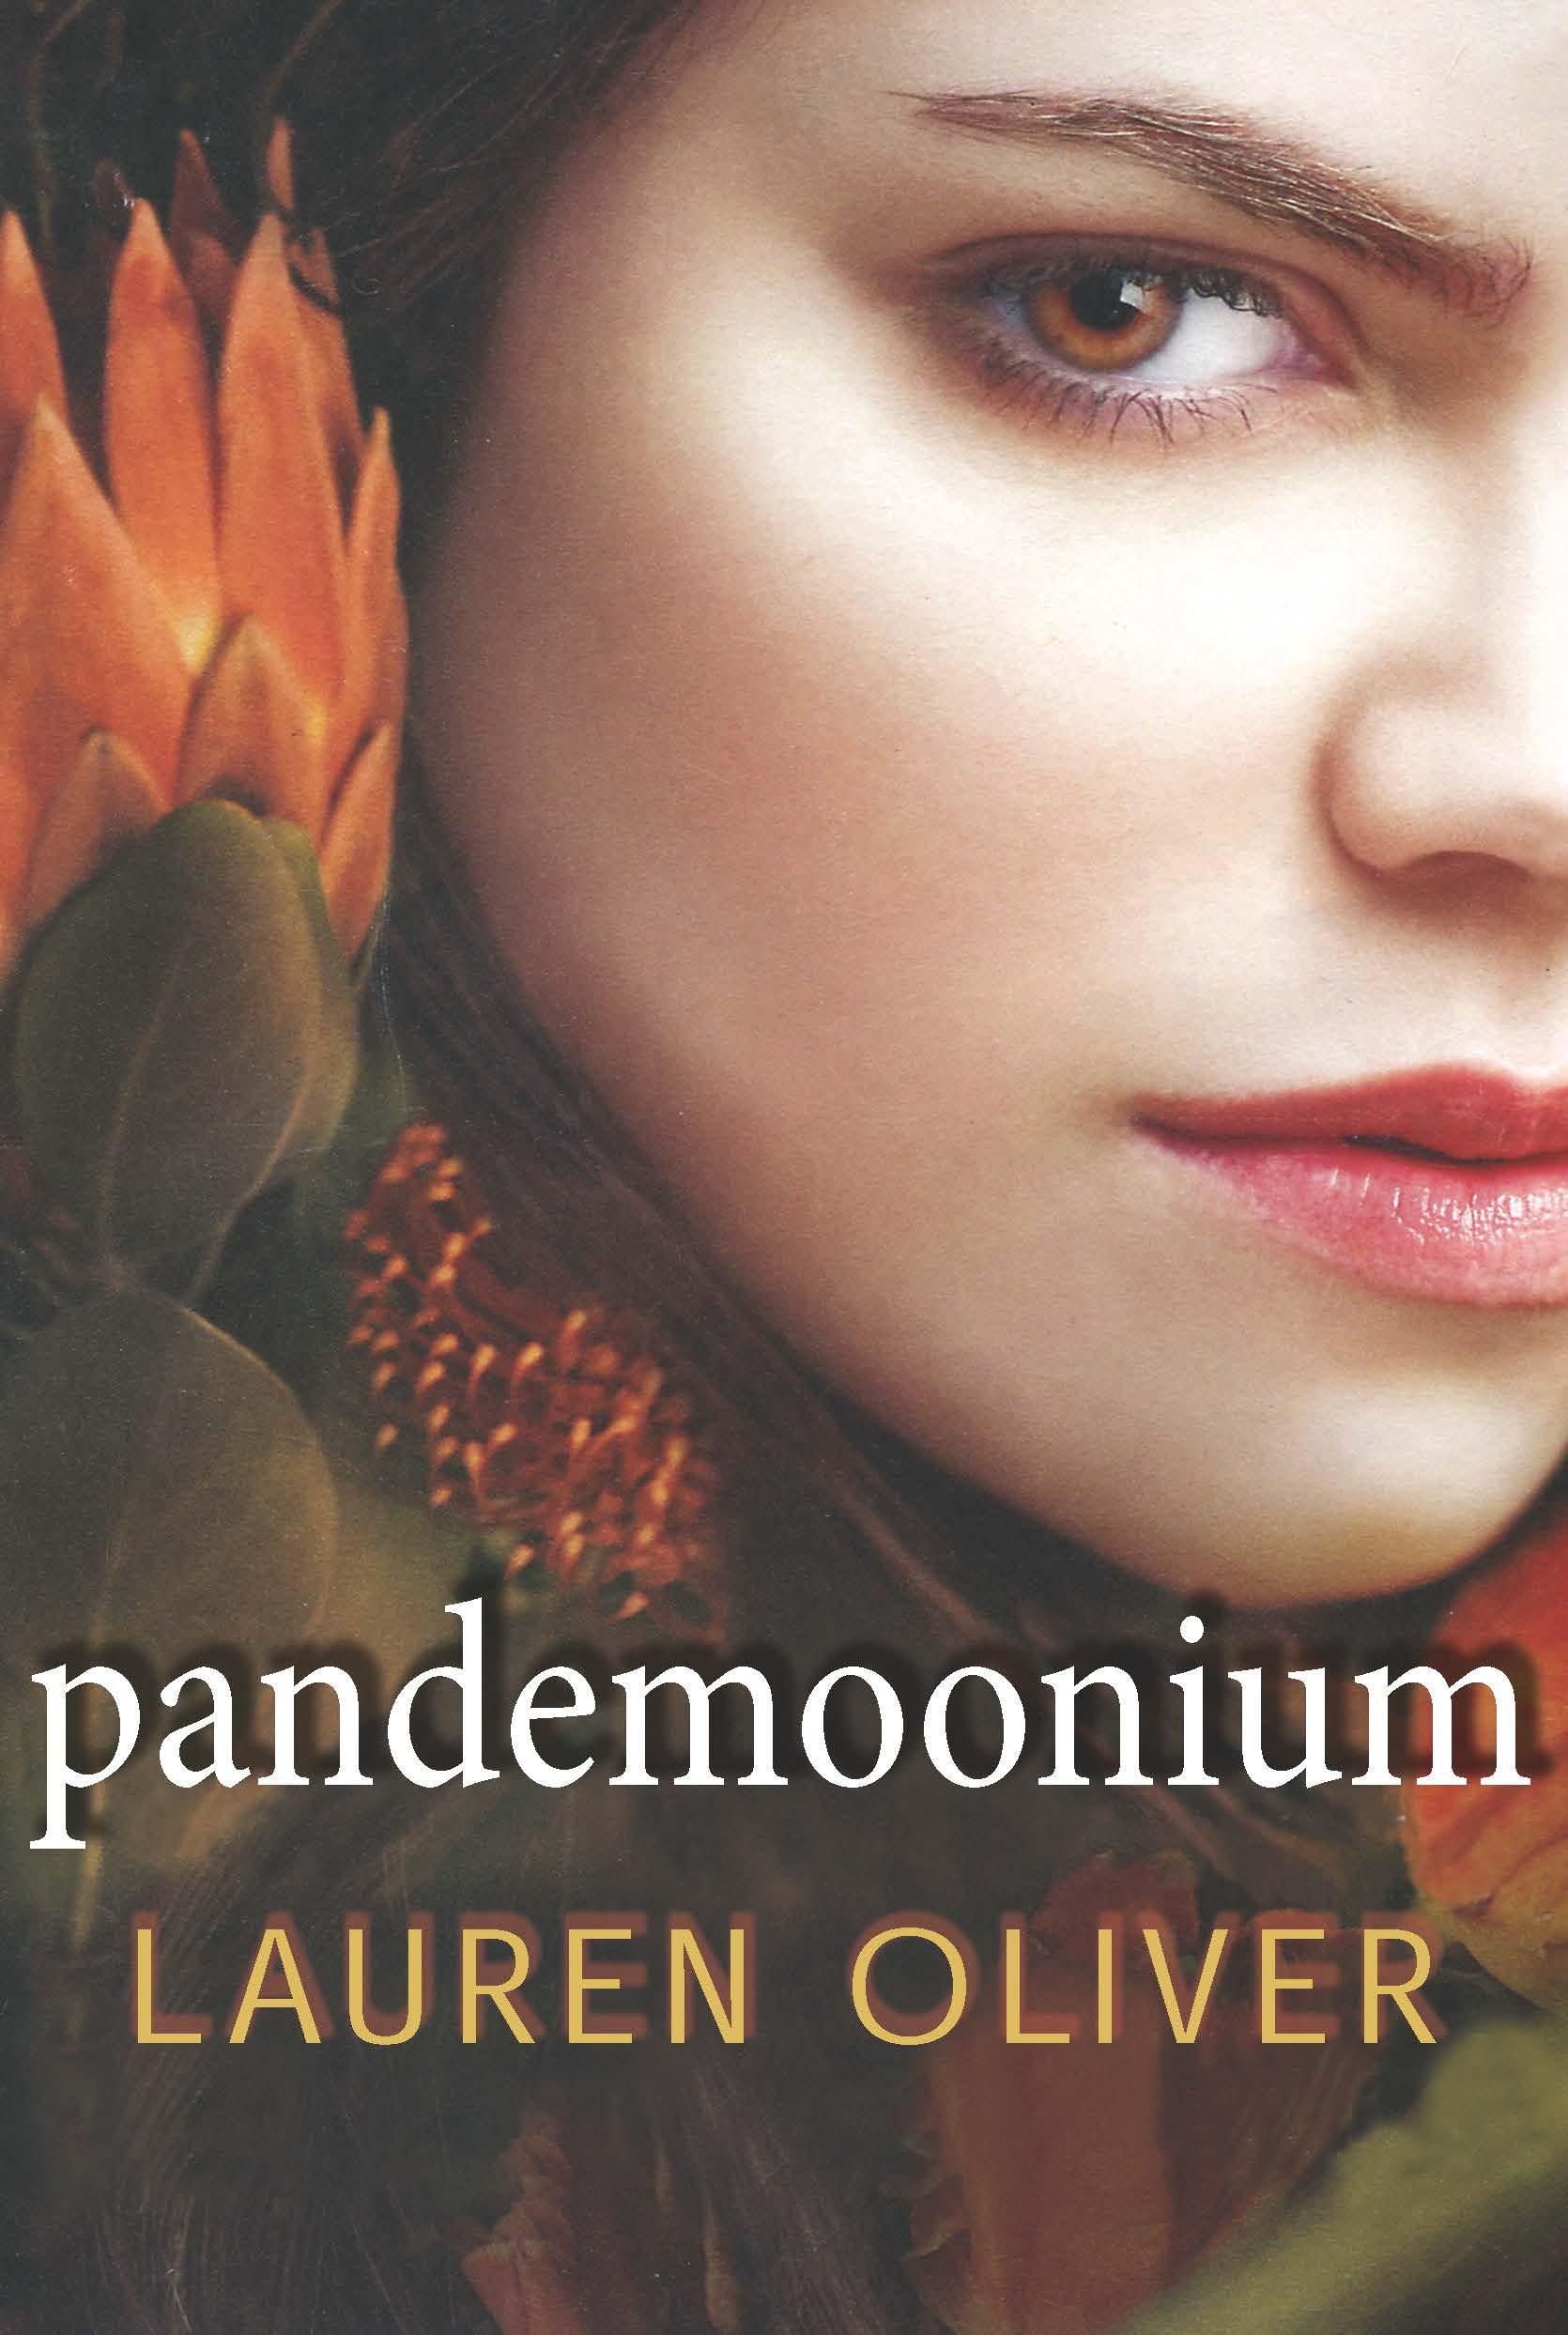 Pandemoonium